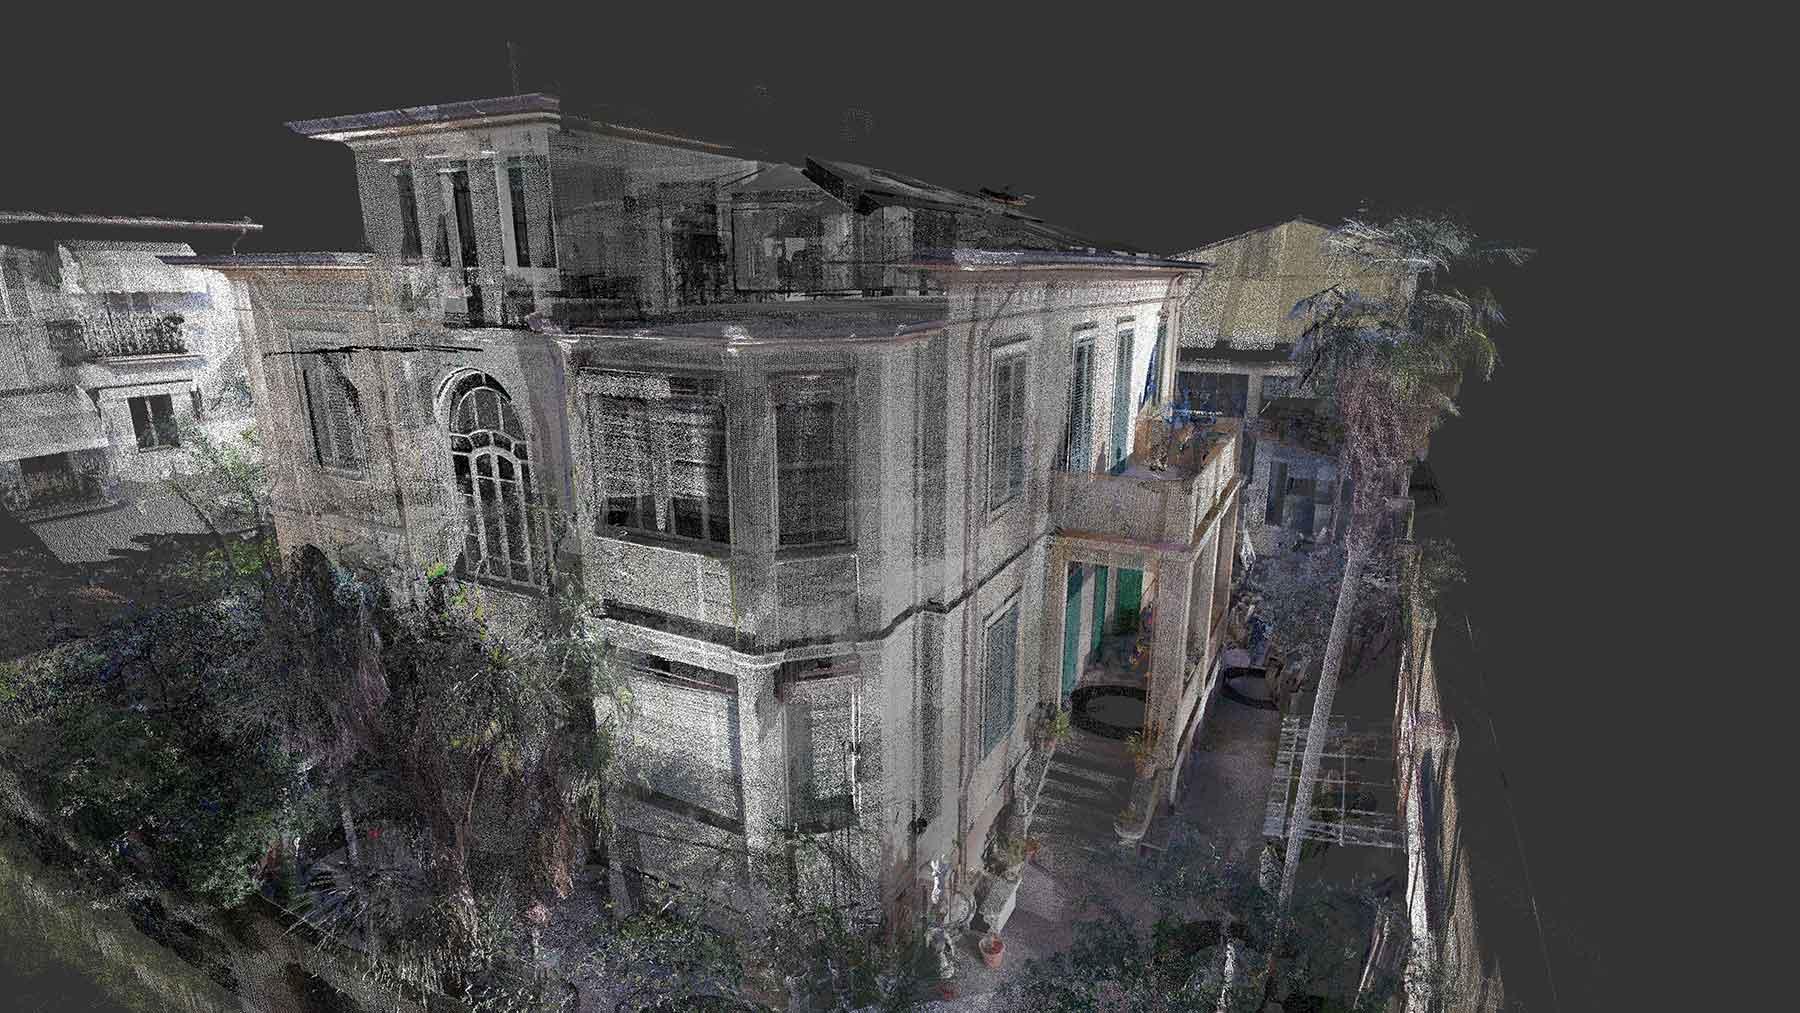 Rilievo laser scanner 3D - Villa liberty di proprietà privata a Pietrasanta (LU)